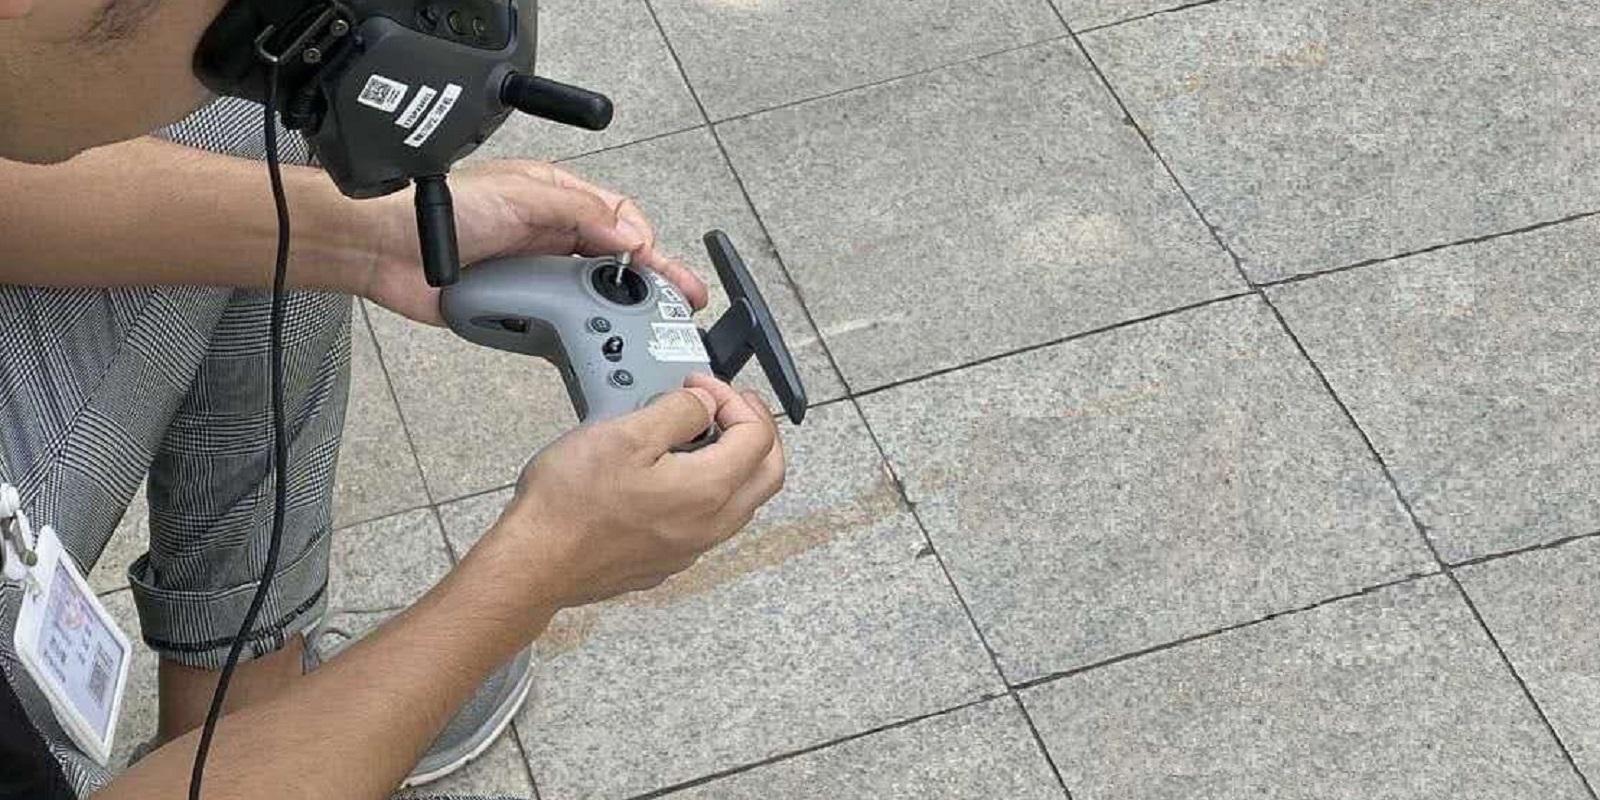 Новый FPV-контроллер DJI появился на фото в Twitter